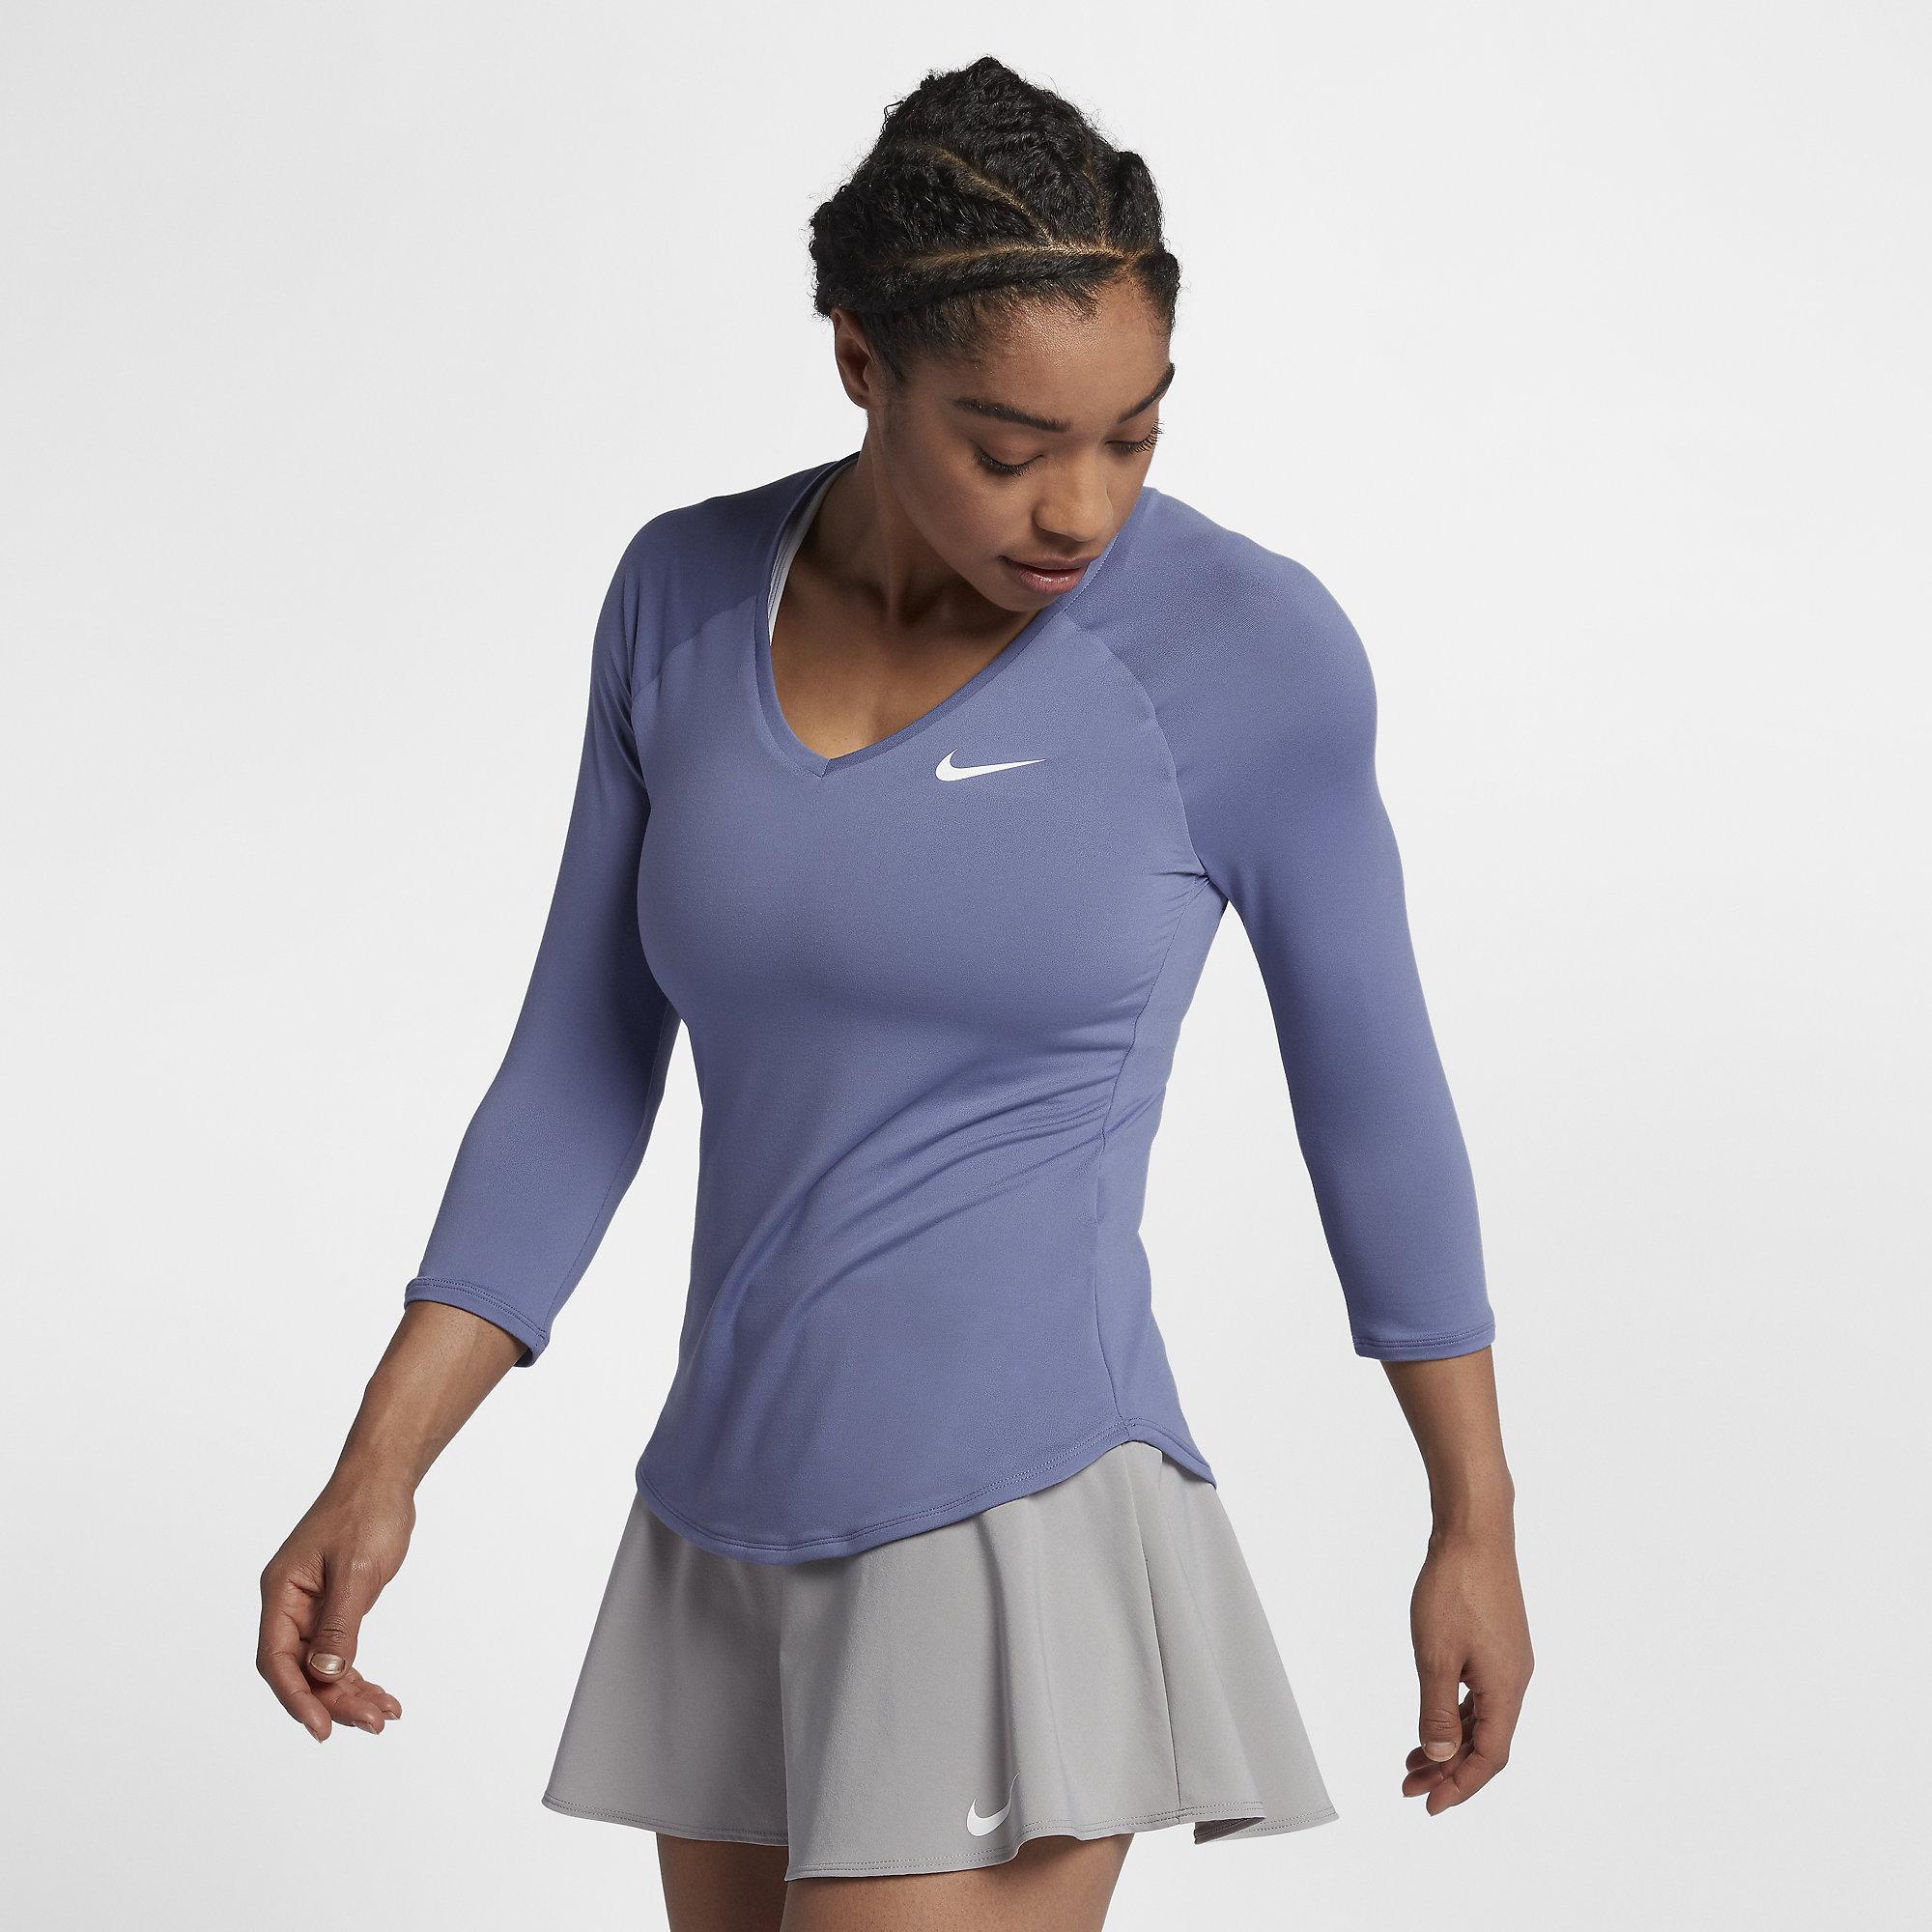 163240d29a816 Nike Womens Pure Long-Sleeve  V  Top - Purple Slate White ...